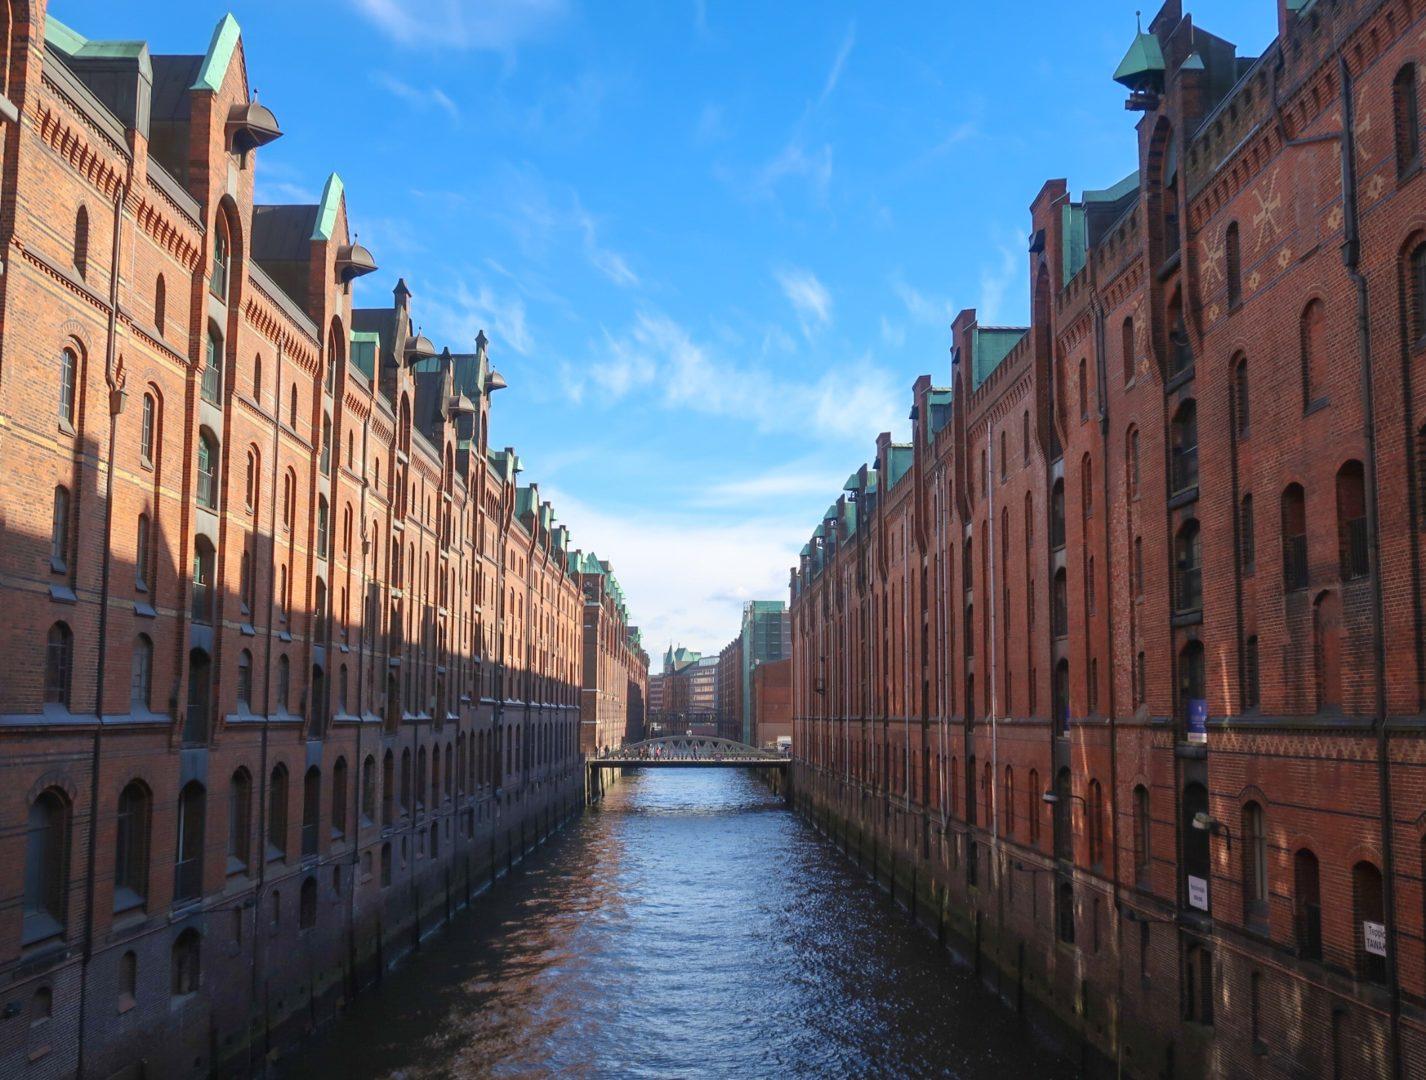 Canals in Hamburg